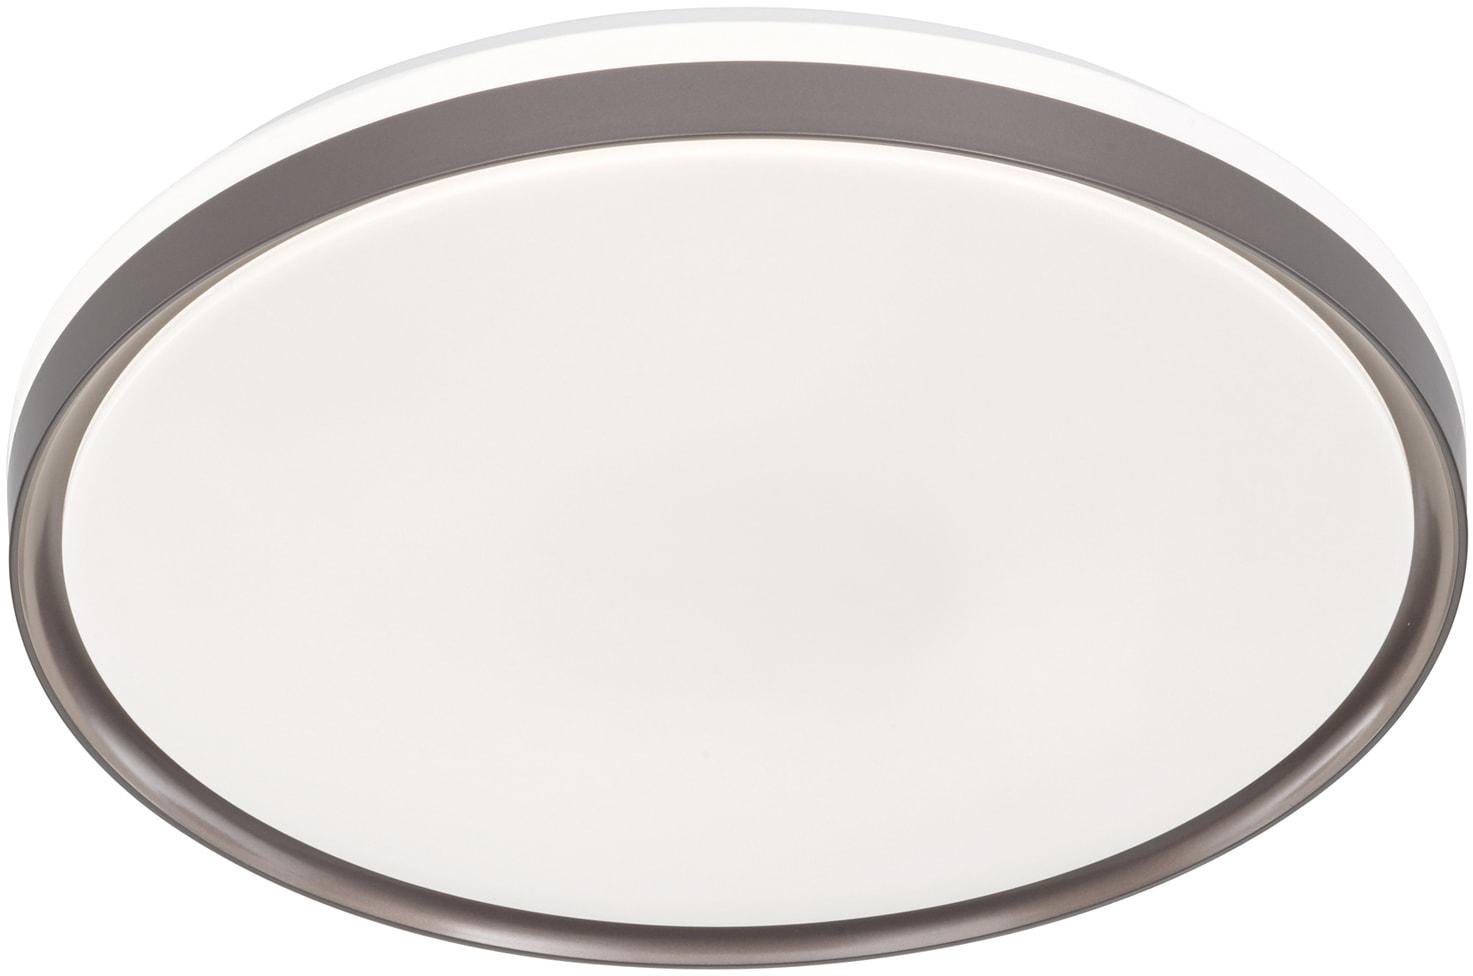 FISCHER & HONSEL LED Deckenleuchte Jaso BS, LED-Modul, Warmweiß